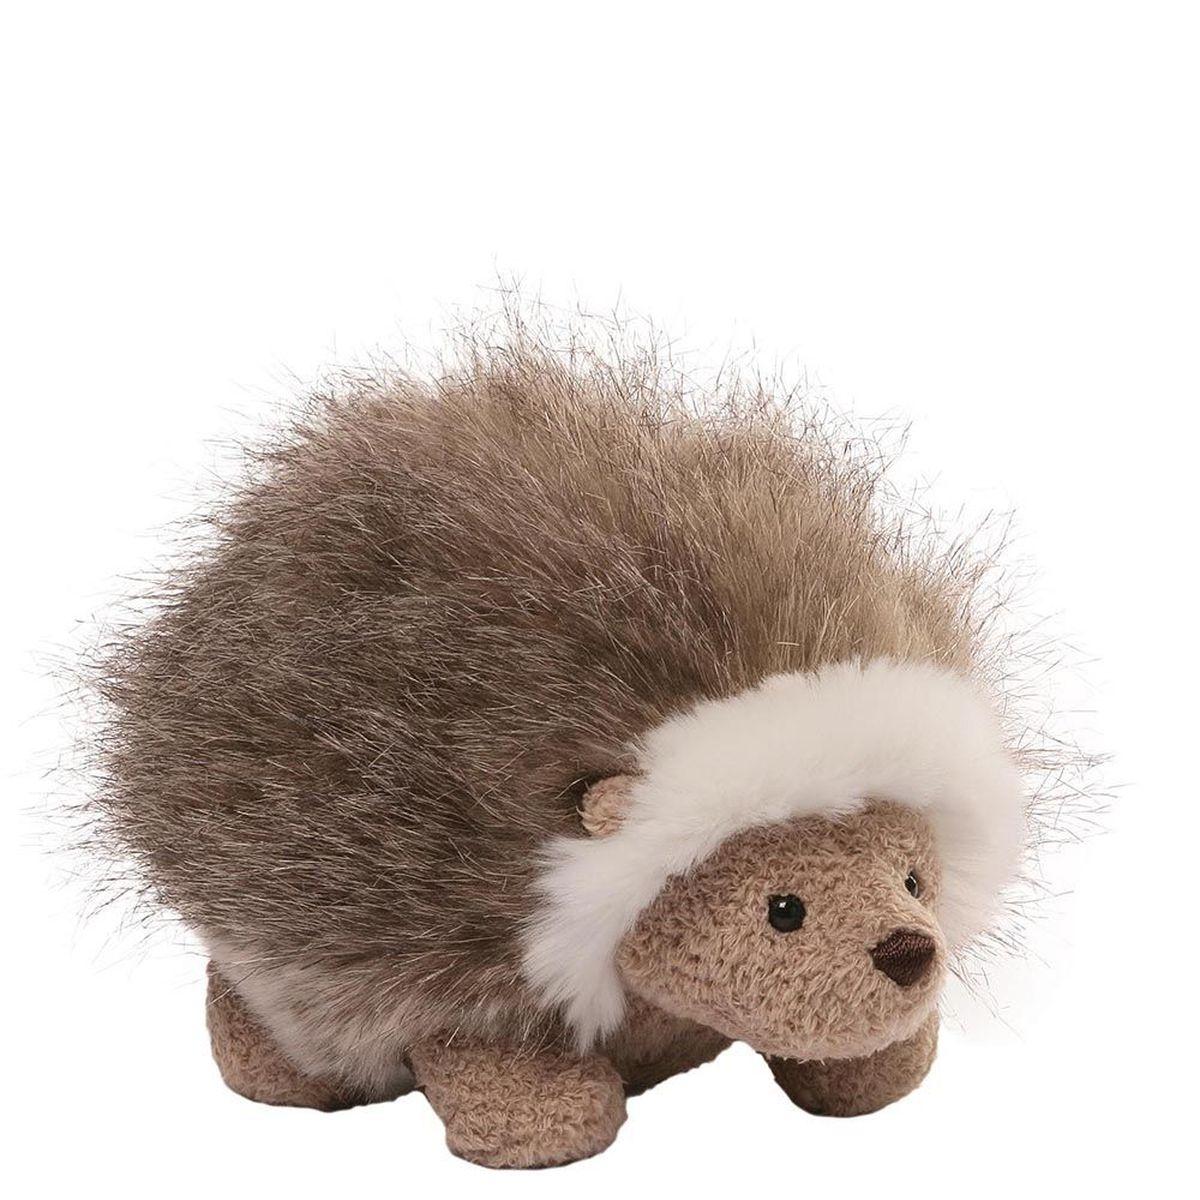 Gund Мягкая игрушка Oliver Hedgehog 12,5 см мягкие игрушки gund игрушка мягкая itty bitty boo daisy boo 12 5 см gund